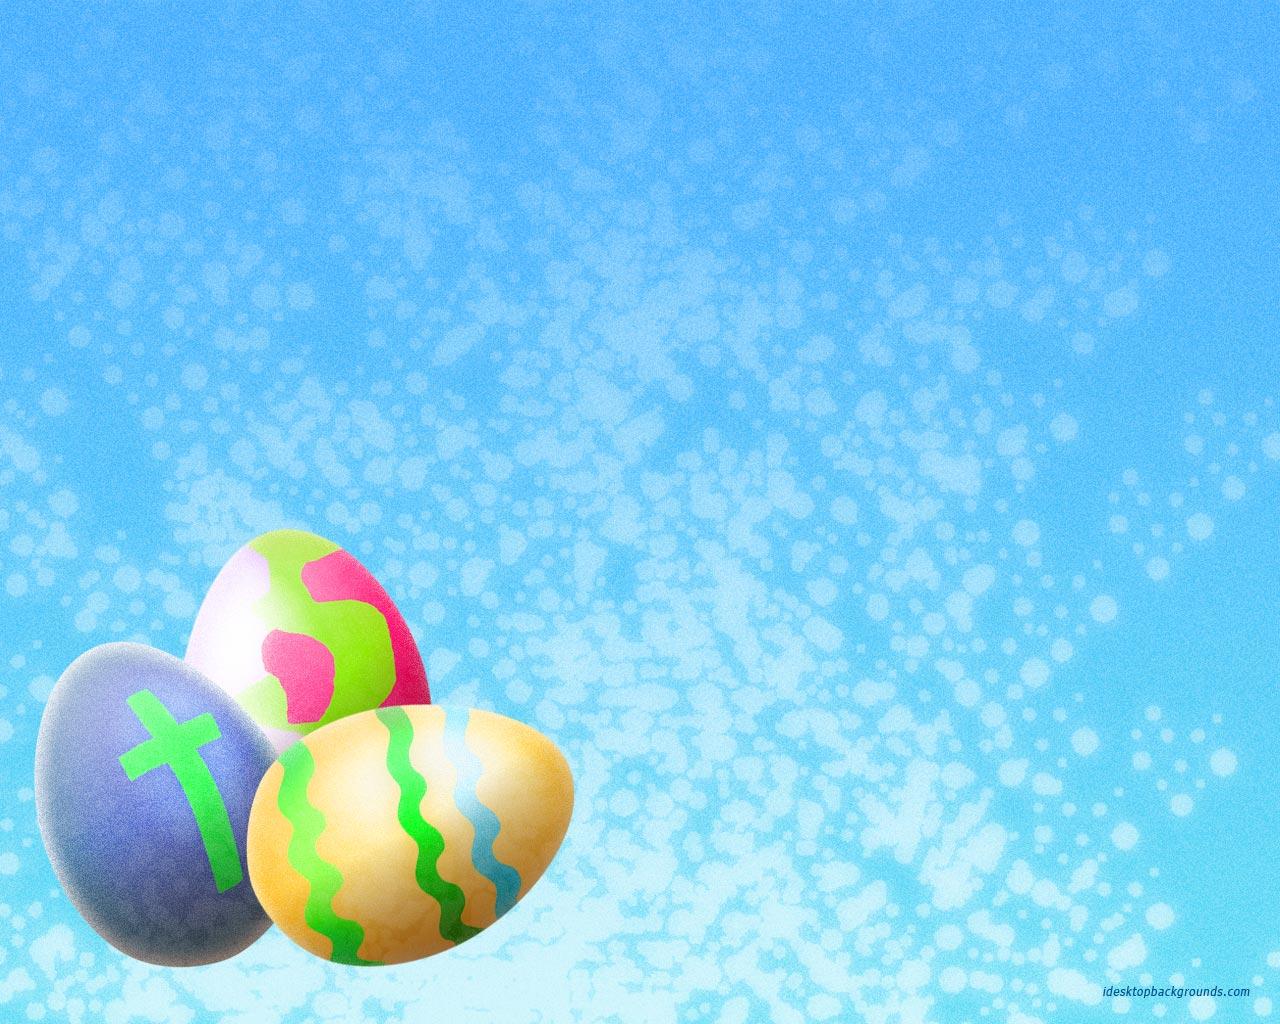 Easter backgroundjpg 1280x1024